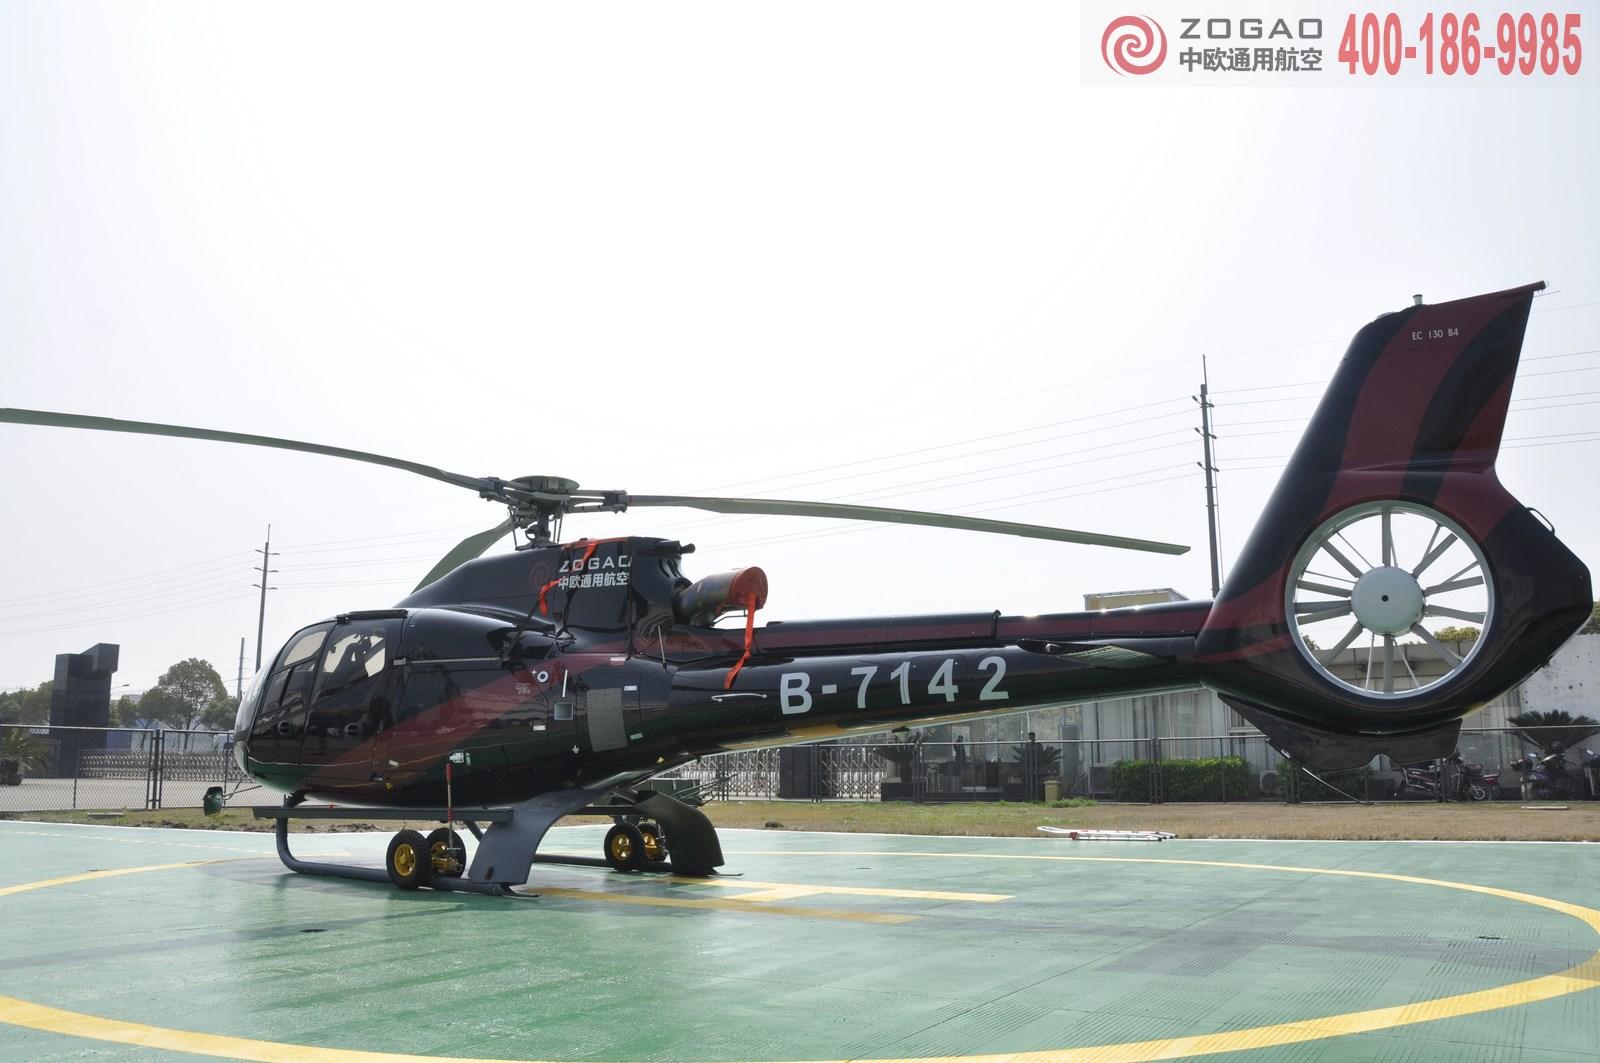 中欧直升飞机租赁下乡 拍摄现场看男神